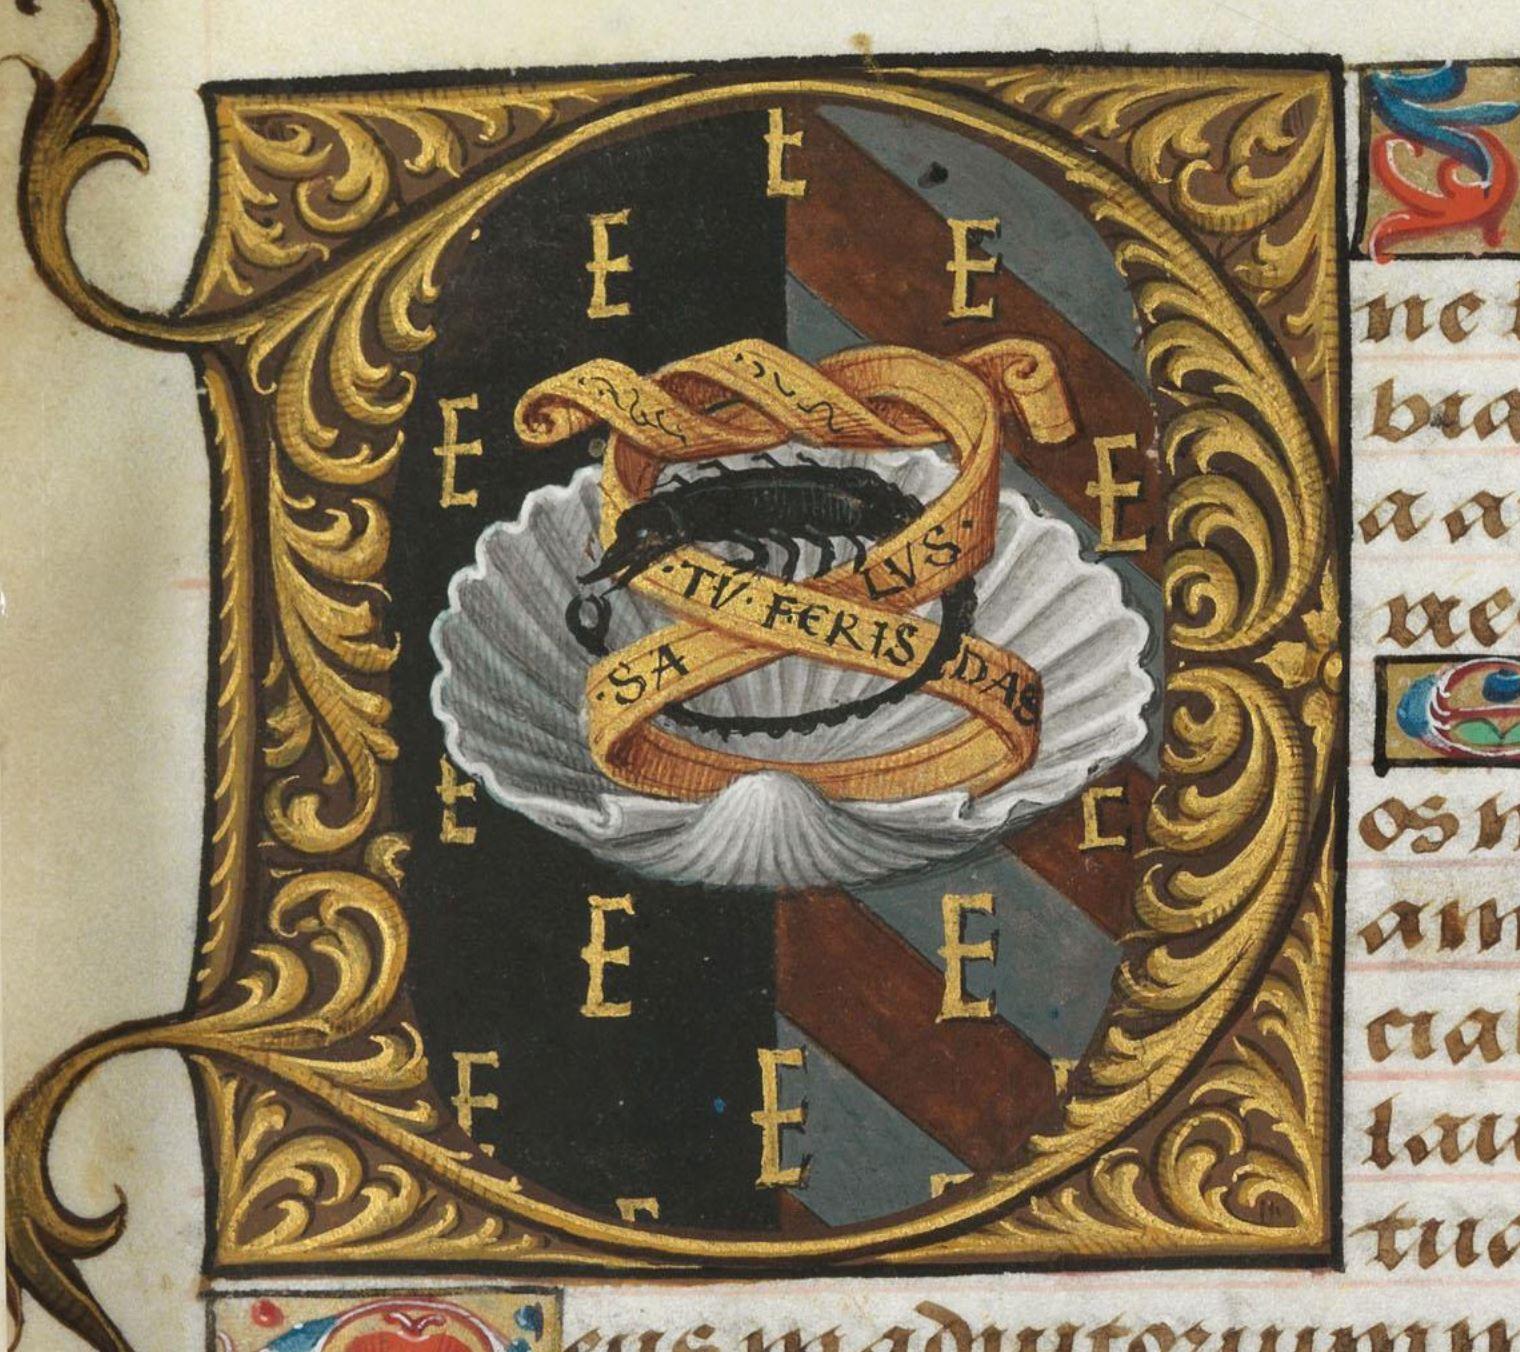 Bibliotheque de l'Ecole des Beaux-Arts, Ms.Mas 0137 p 13 detail